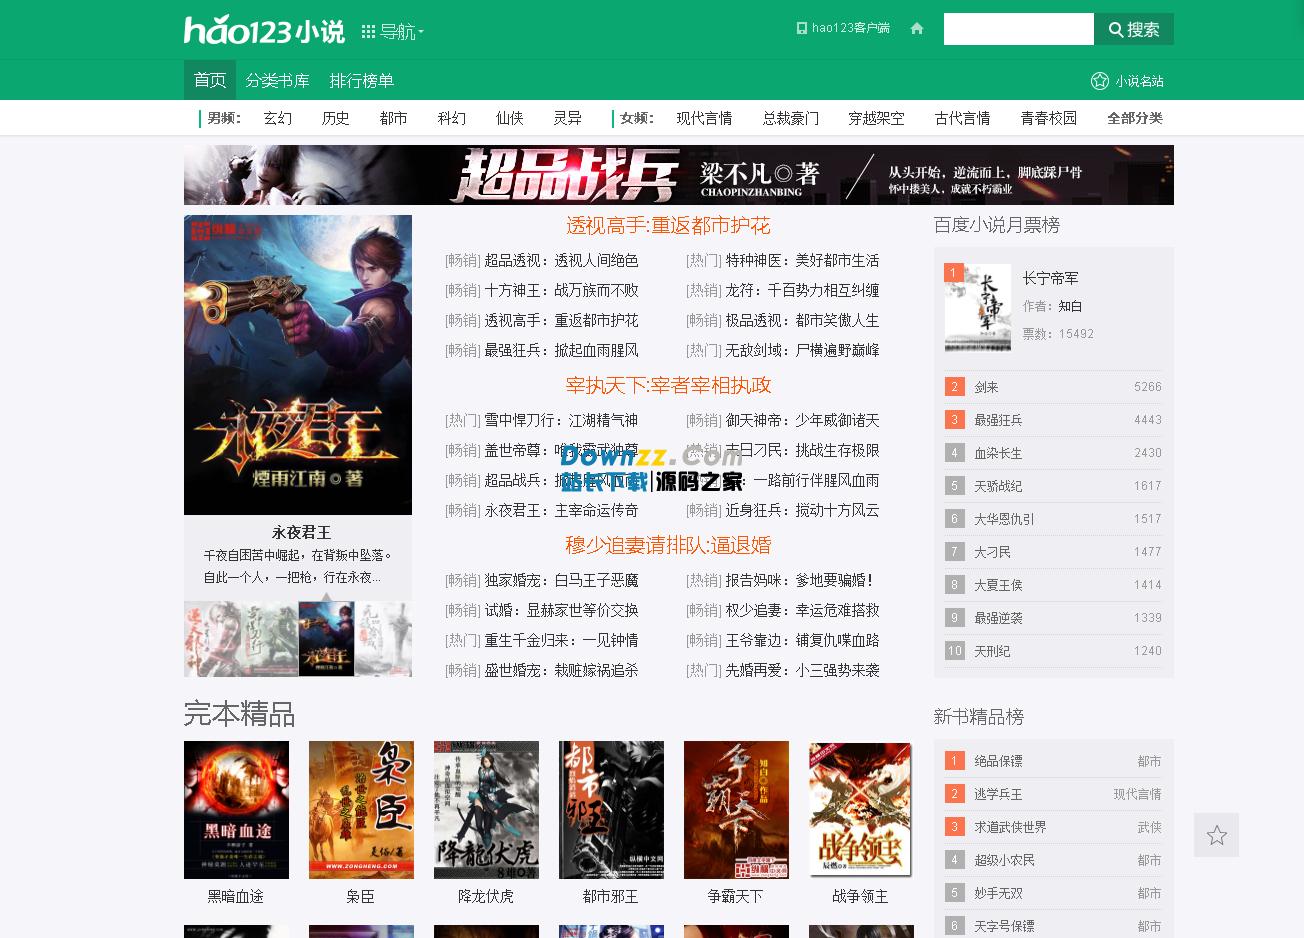 最新92kaifa仿《hao123小说网》免费小说原版未修改帝国cms内核源码